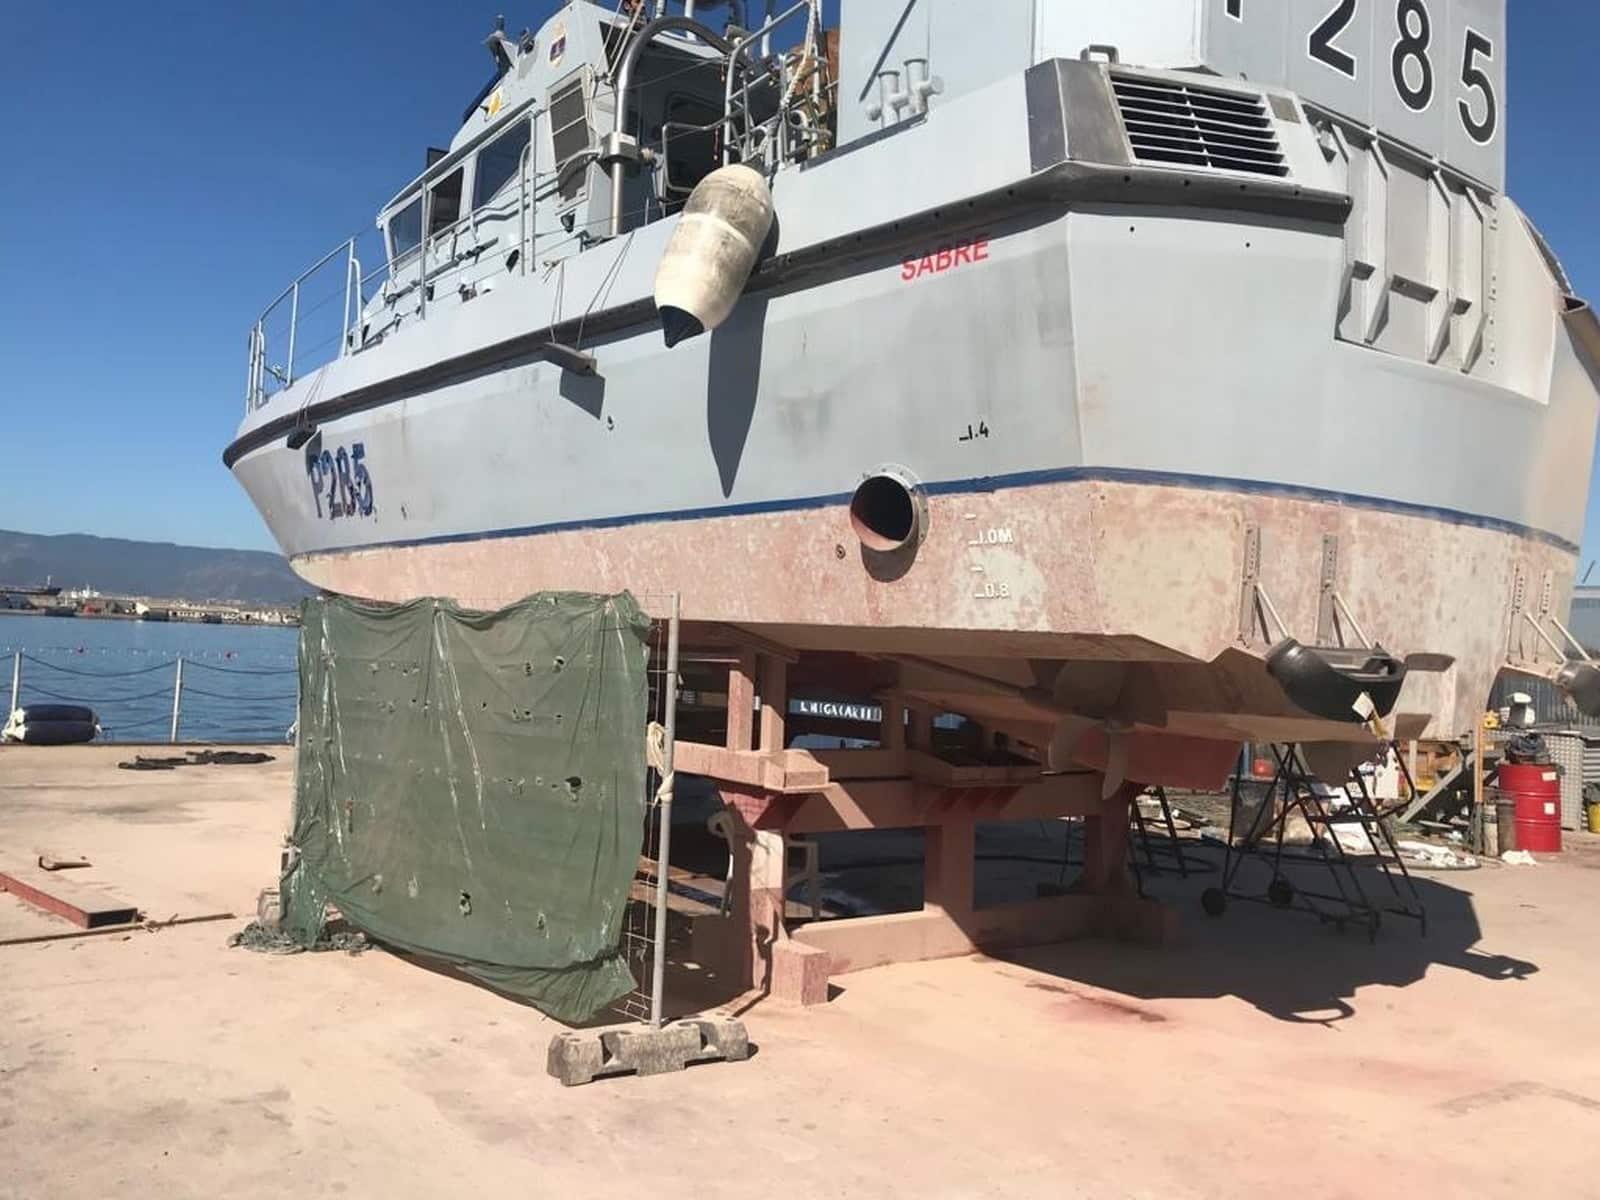 El HMS Sabre, de nuevo en servicio